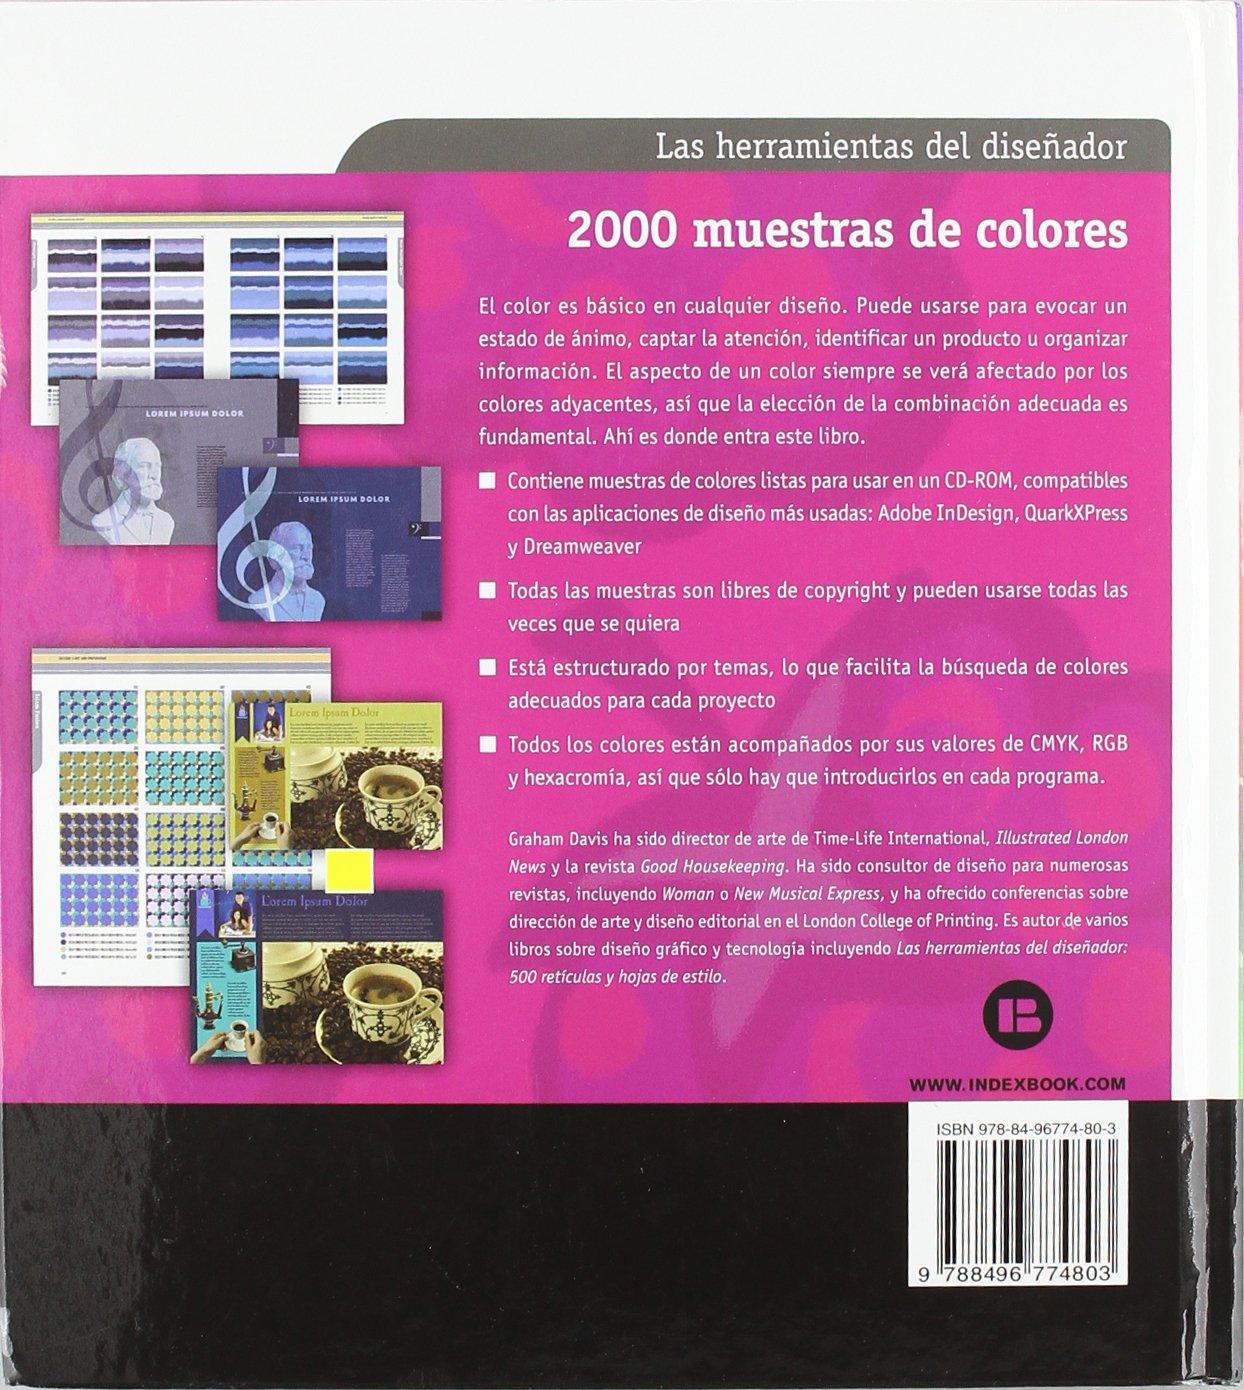 2000 muestras de colores: Amazon.es: Graham Davis: Libros